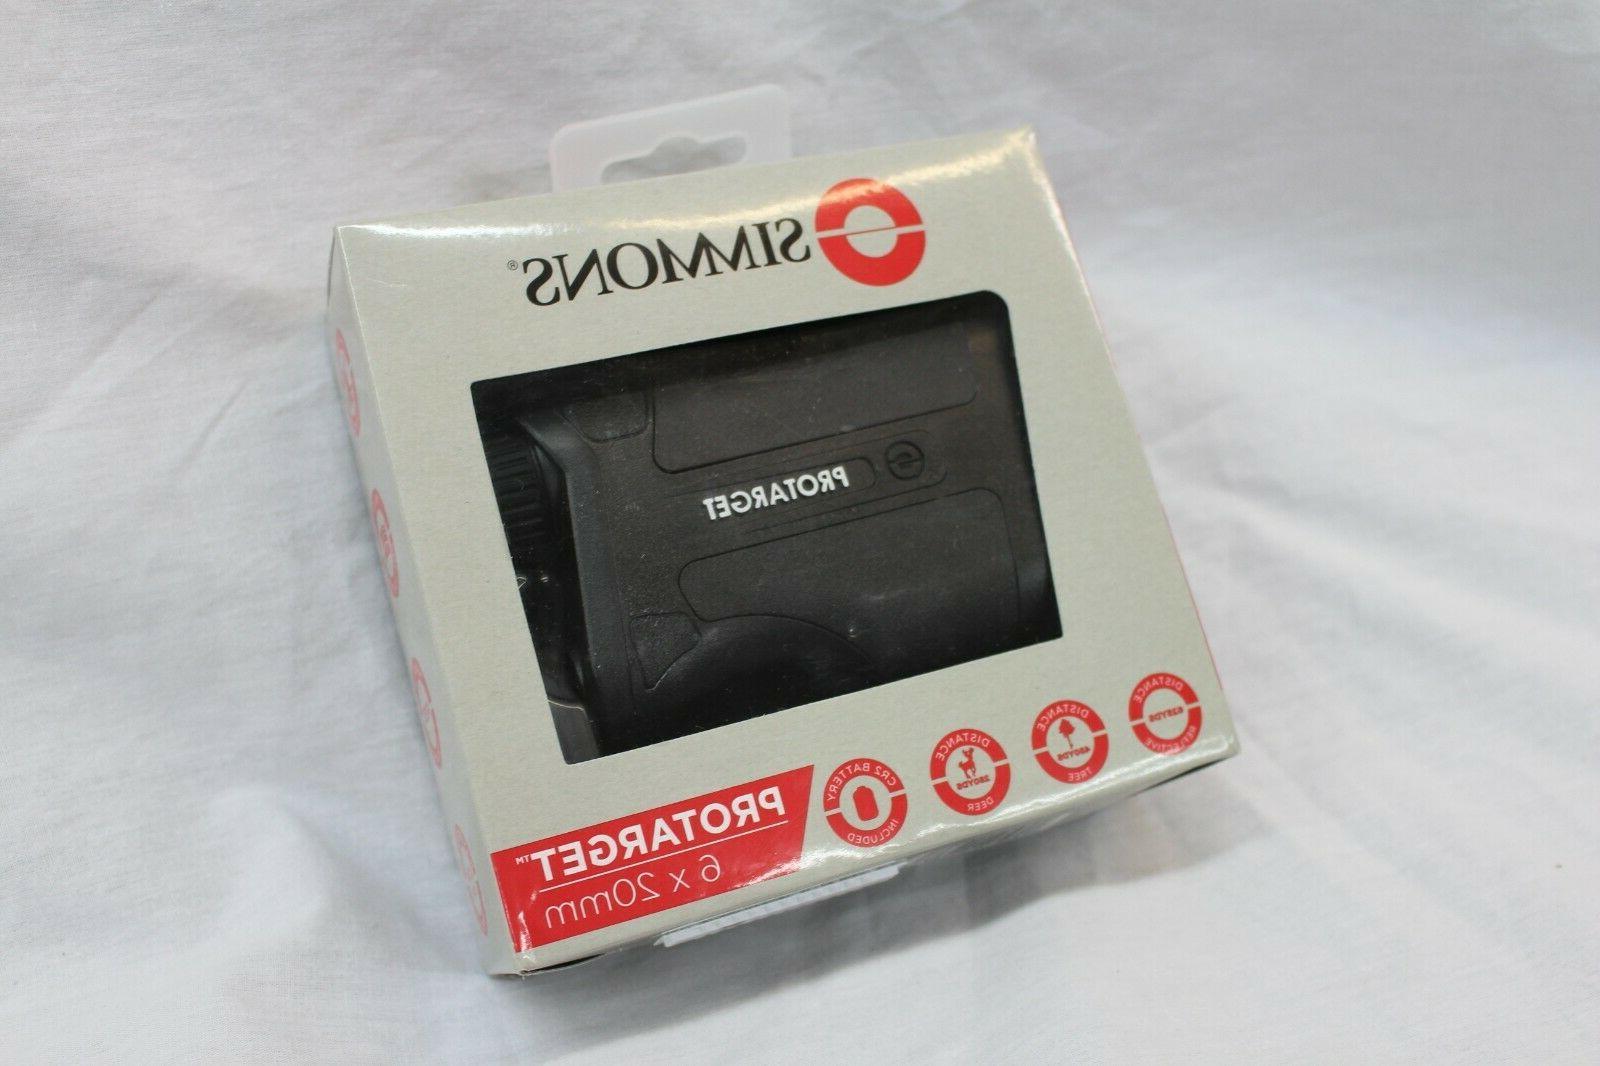 protarget rangefinder 6x20mm spl620bw new in box